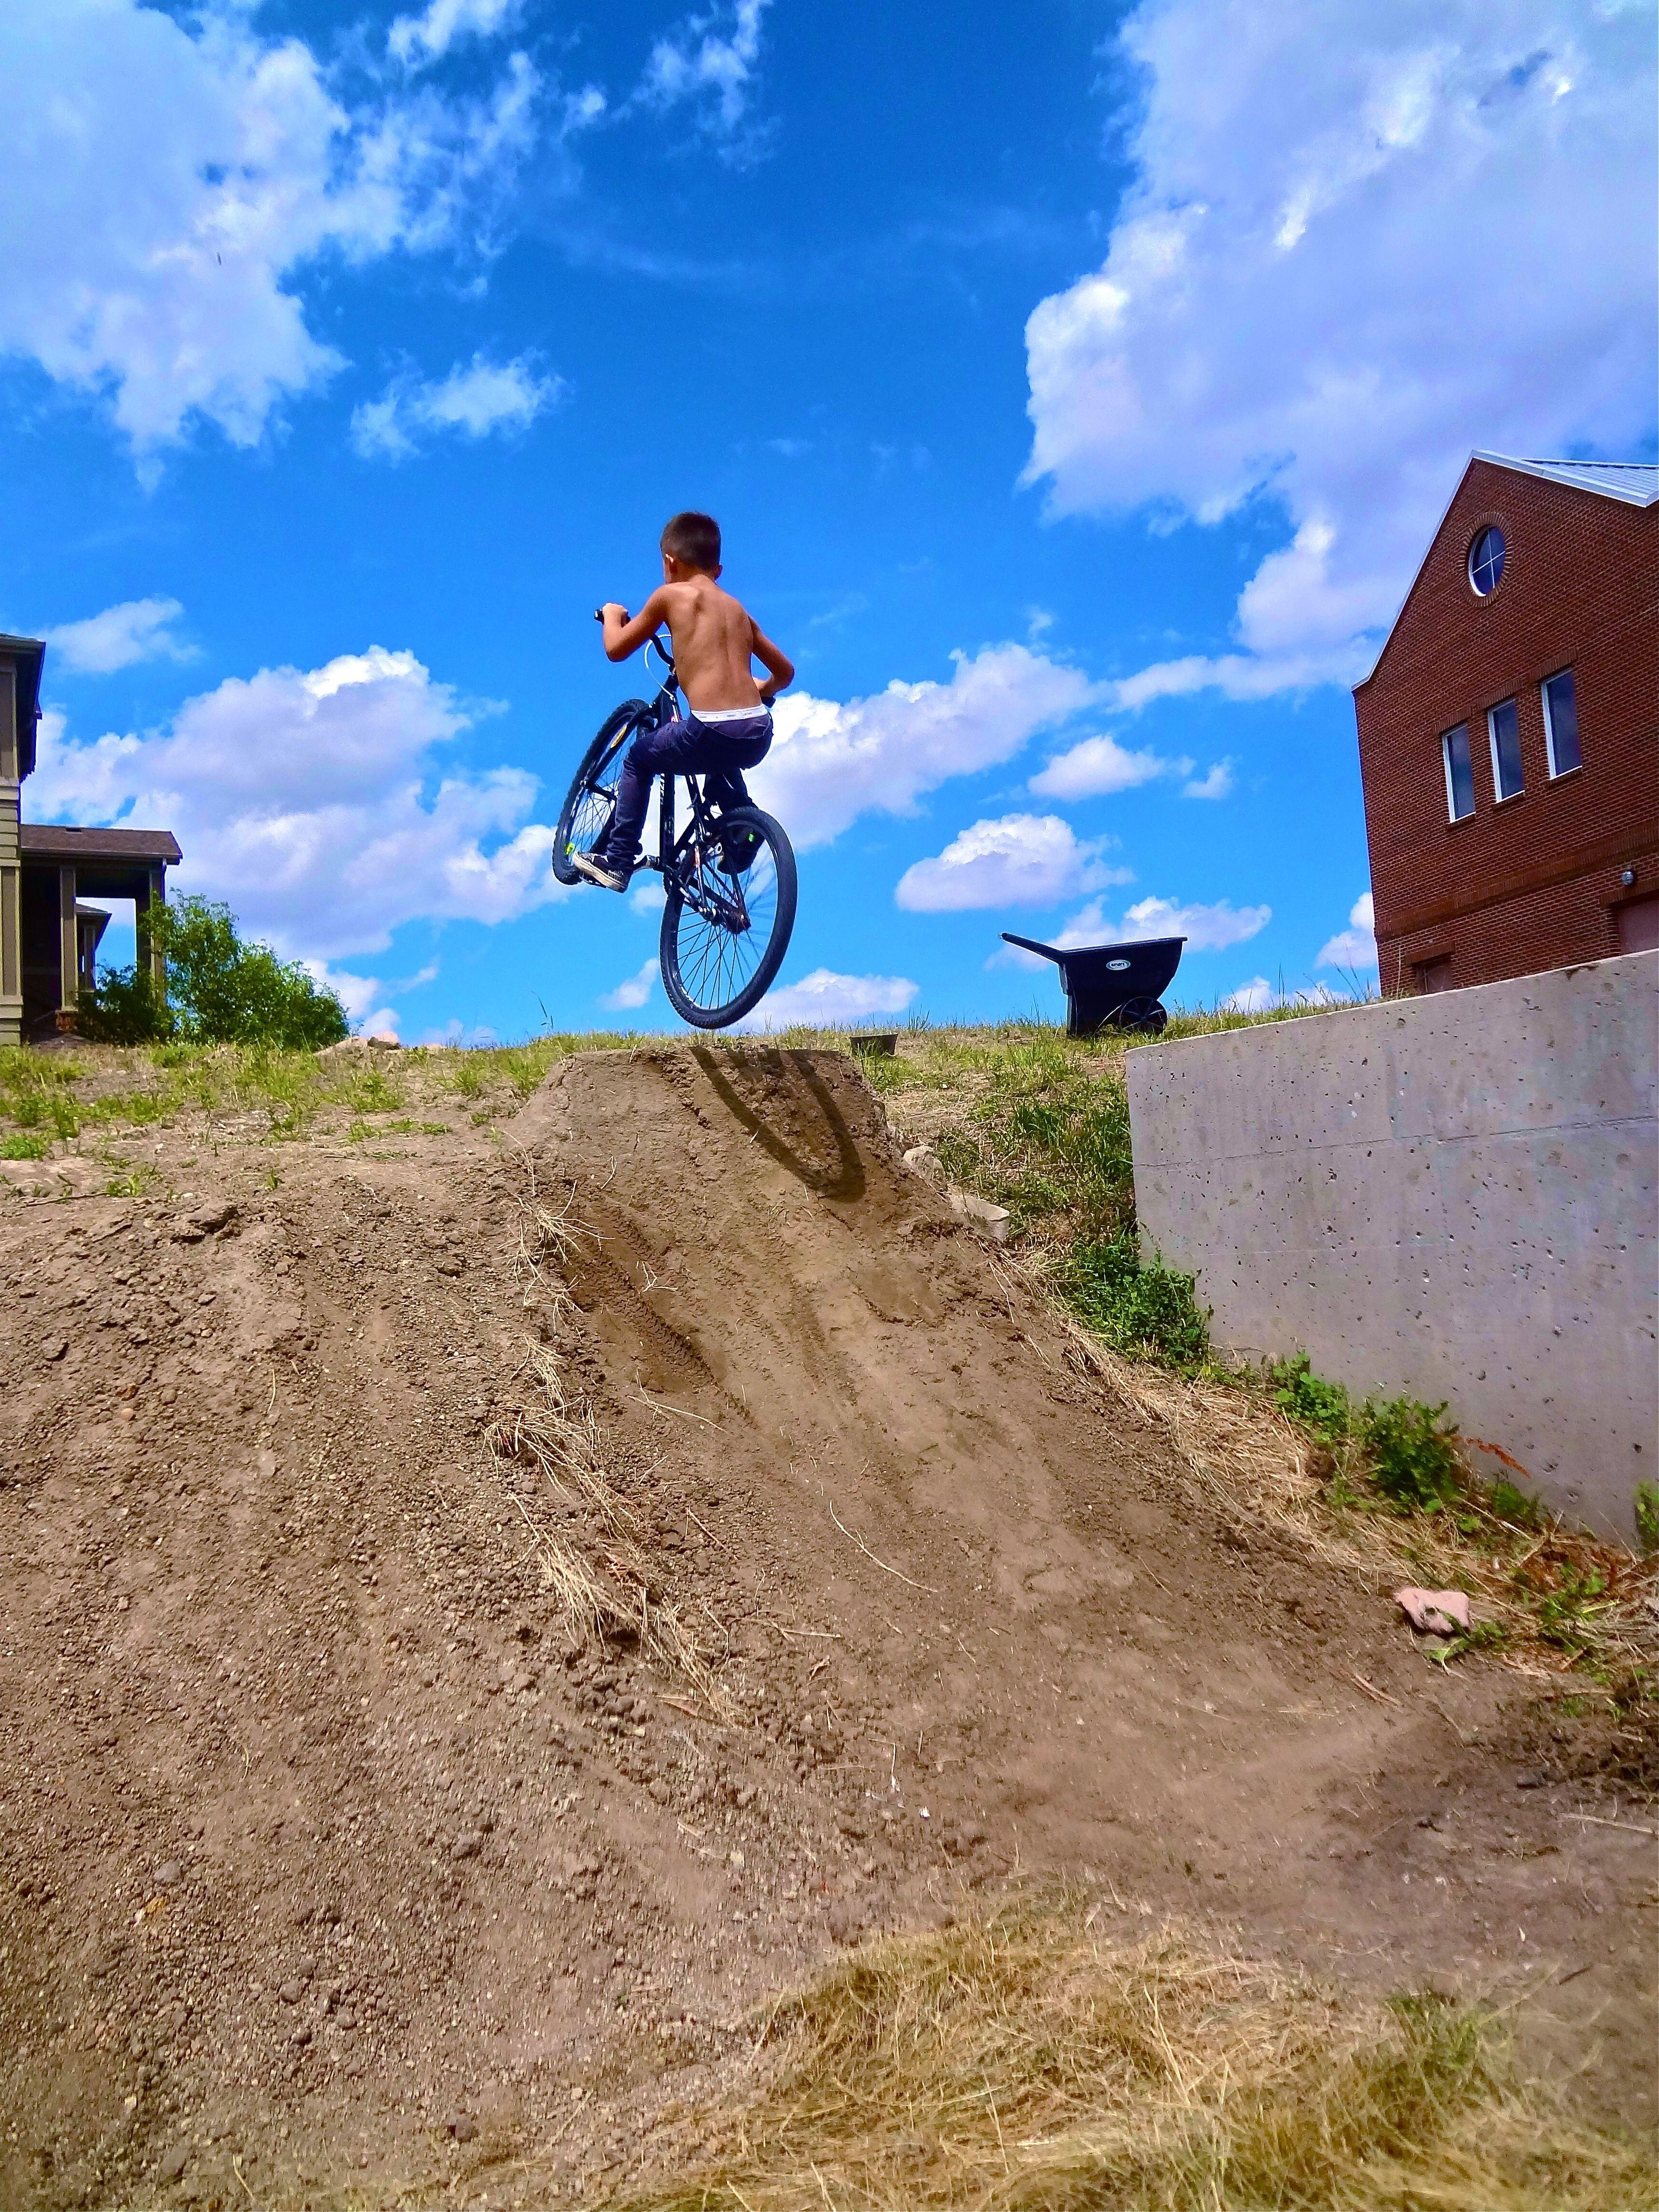 Dirt Jump Step Up Next To The House Shovel Wheel Barrel Dirt